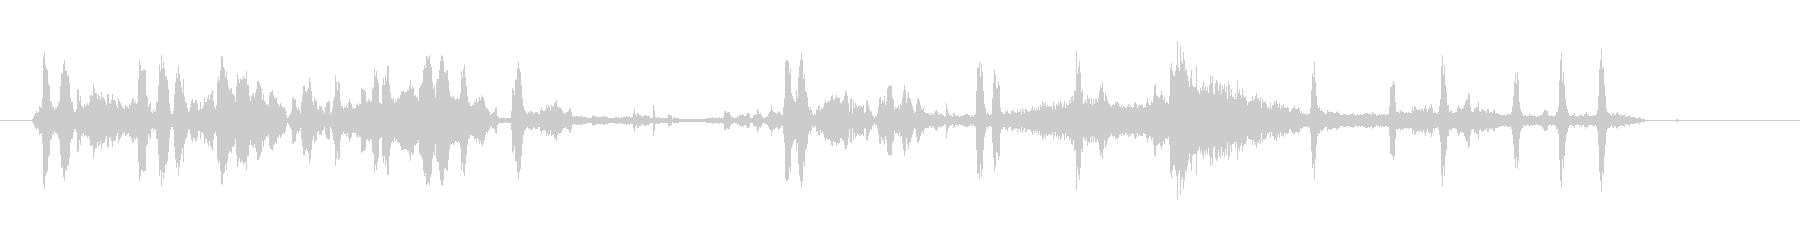 ドッグレース-ハウリングドッグ-ス...の未再生の波形